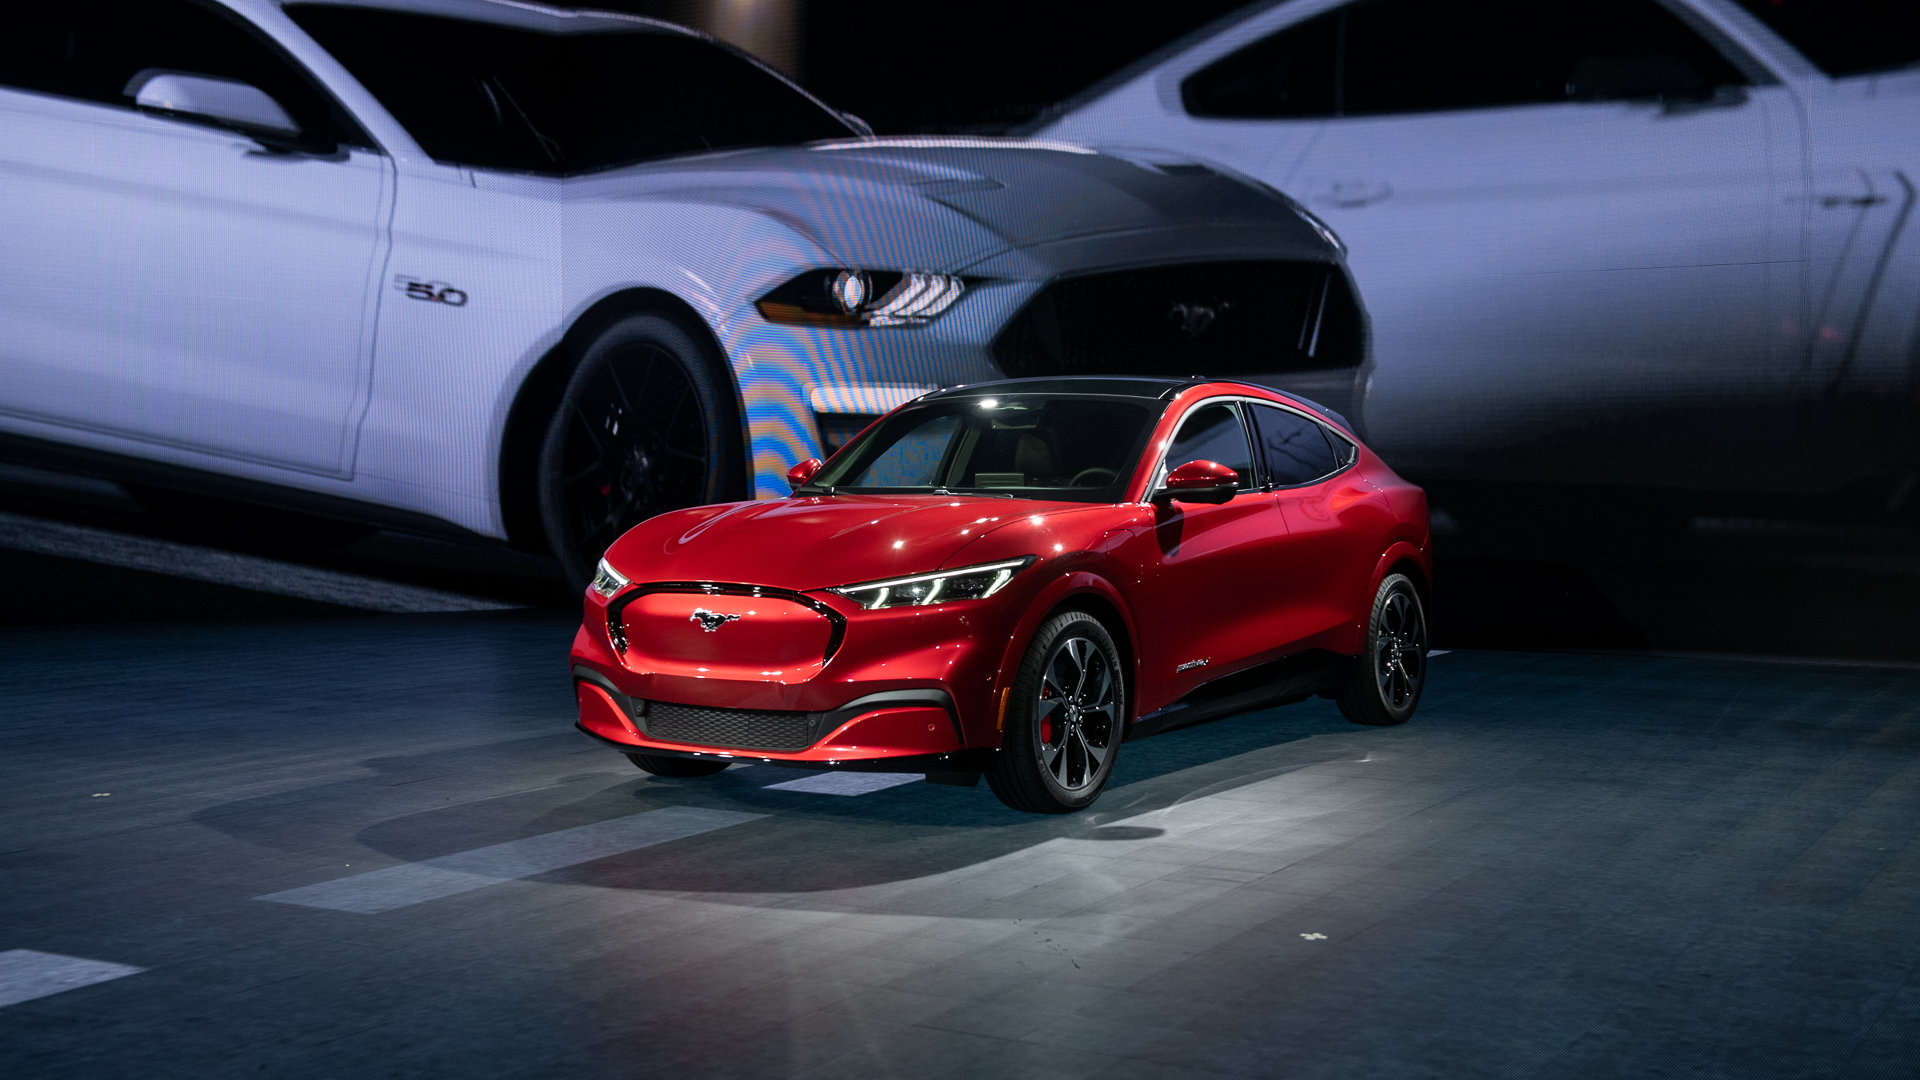 2021 Ford Mustang Mach-E, 2019 LA Auto Show